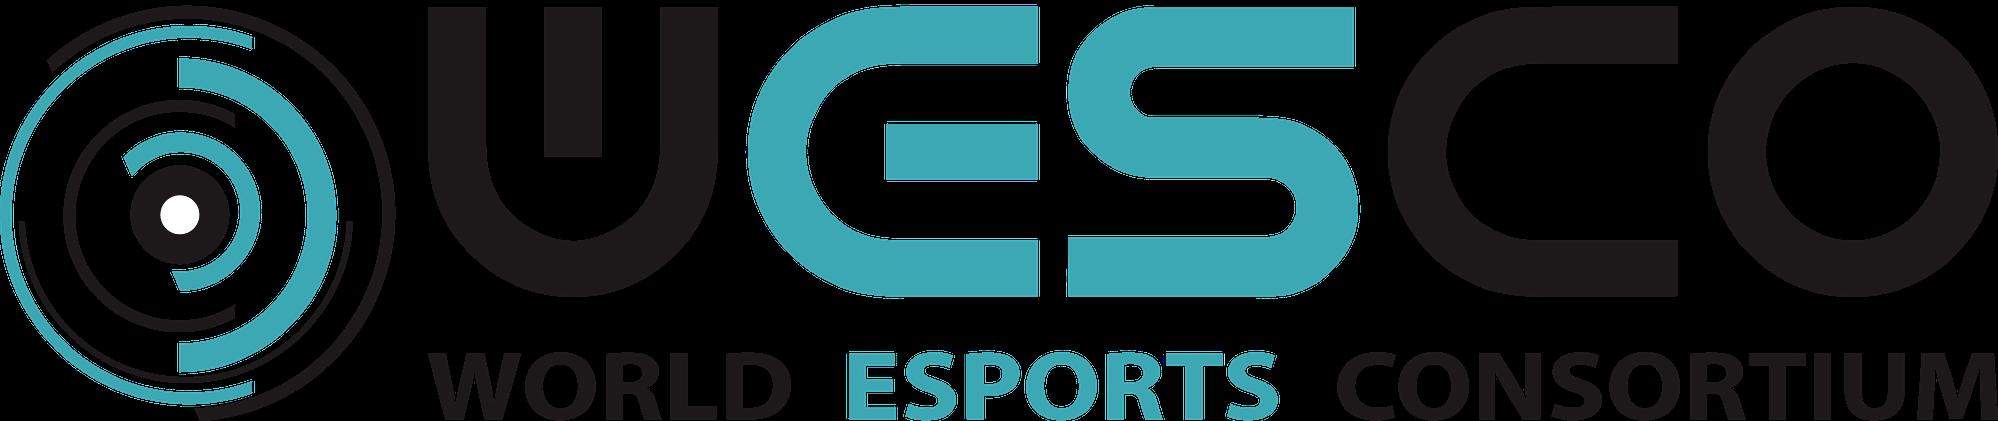 WESCO World Esport Consortium